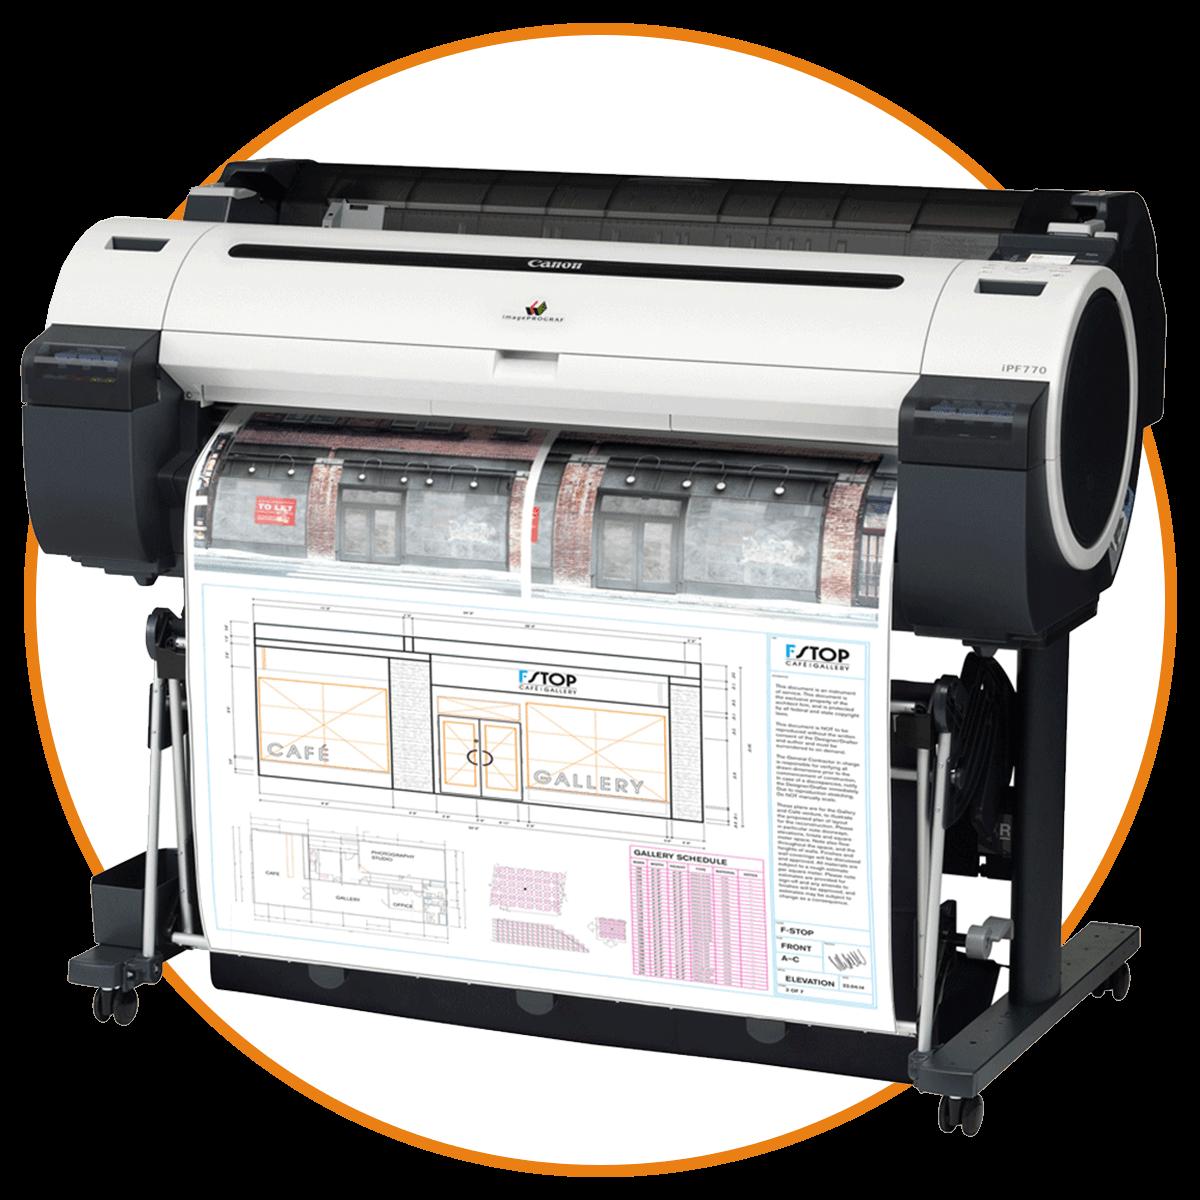 """Impresión - Trabajamos diversos tamaños de impresión digital a Color desde $3.50 y BW desde $1.50.24"""" × 18"""", 36'', 48'': Color / BW36"""" × 36"""", 48"""", 72"""": Color / BW"""